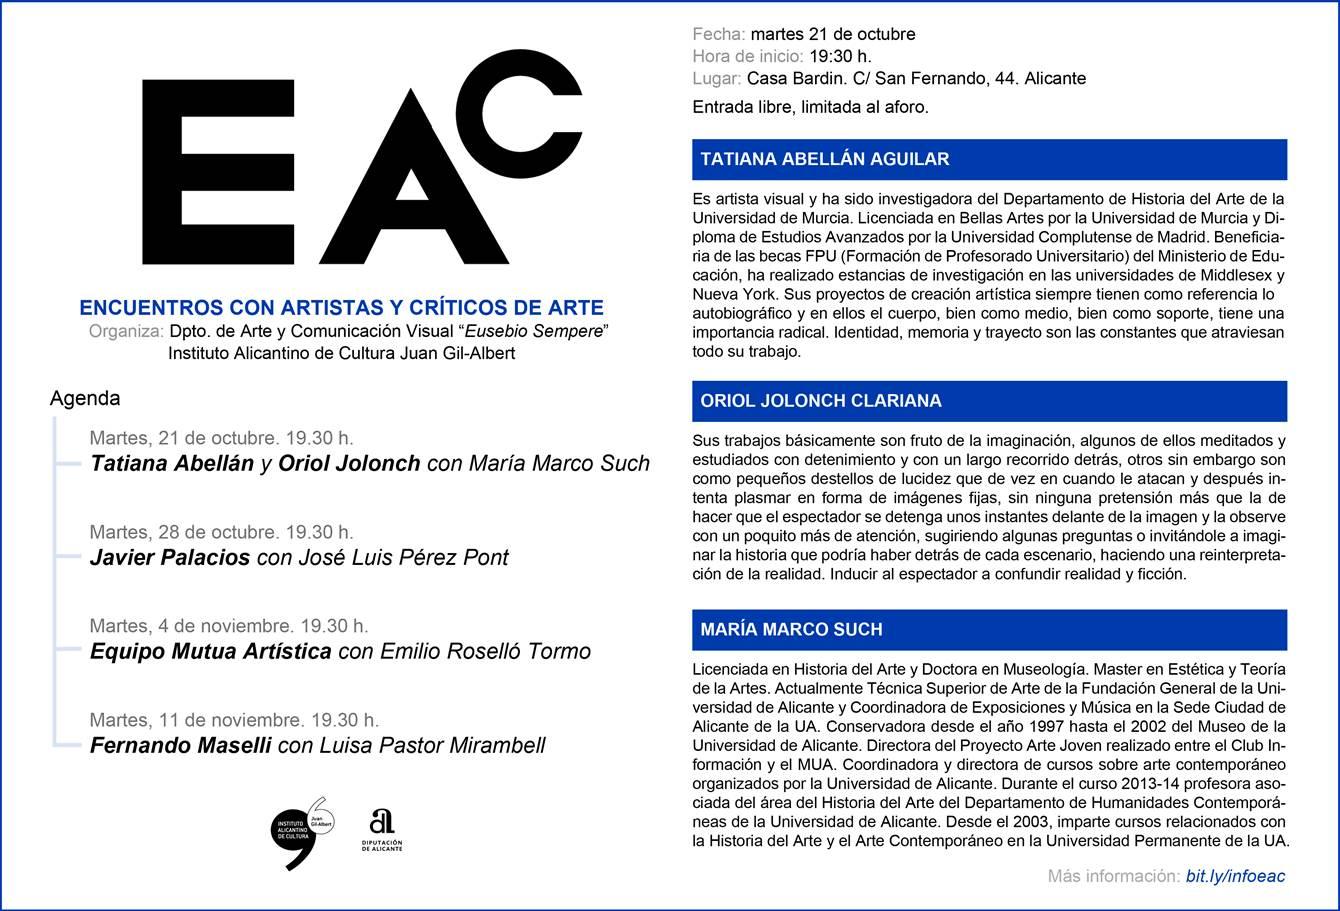 encuentros-con-artistas-y-crc3adticos-de-arte-martes-21-octubre-tatiana-abellc3a1n-y-oriol-jolonch-con-maria-marco